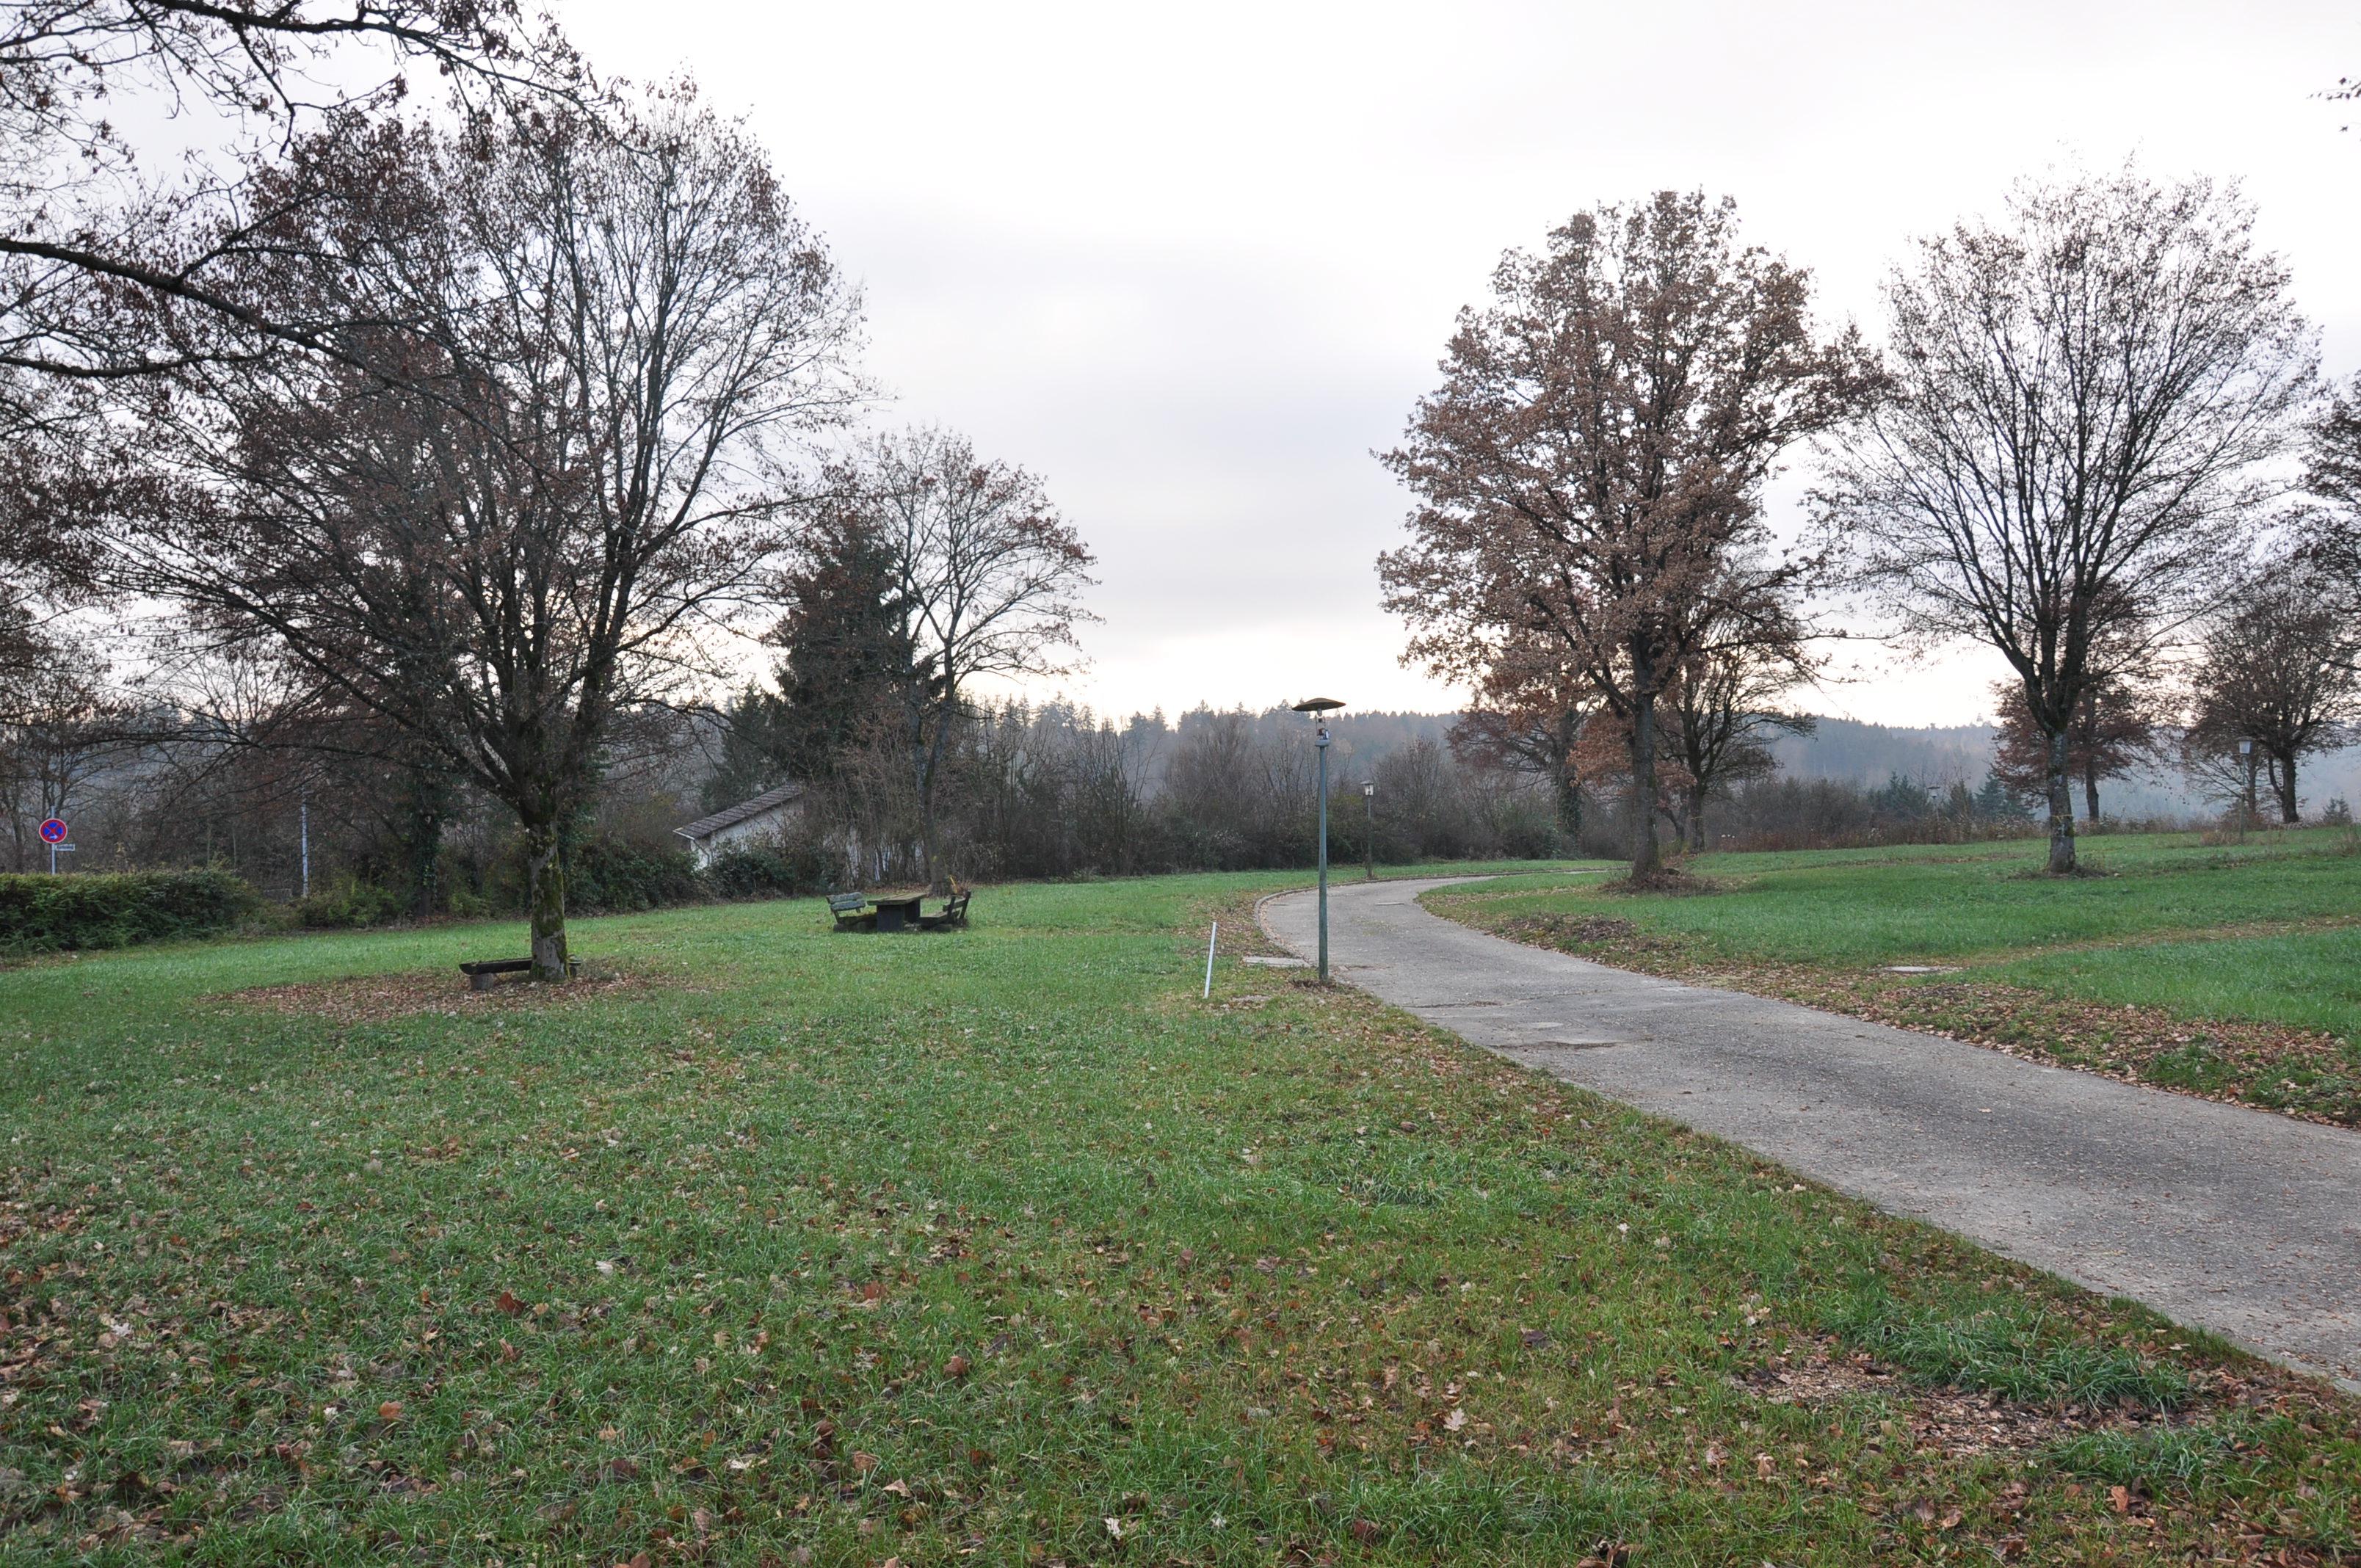 ADELBERG, Dez. 2016 - ehemaliger Campingplatz ist für Spaziergänger geöffnet